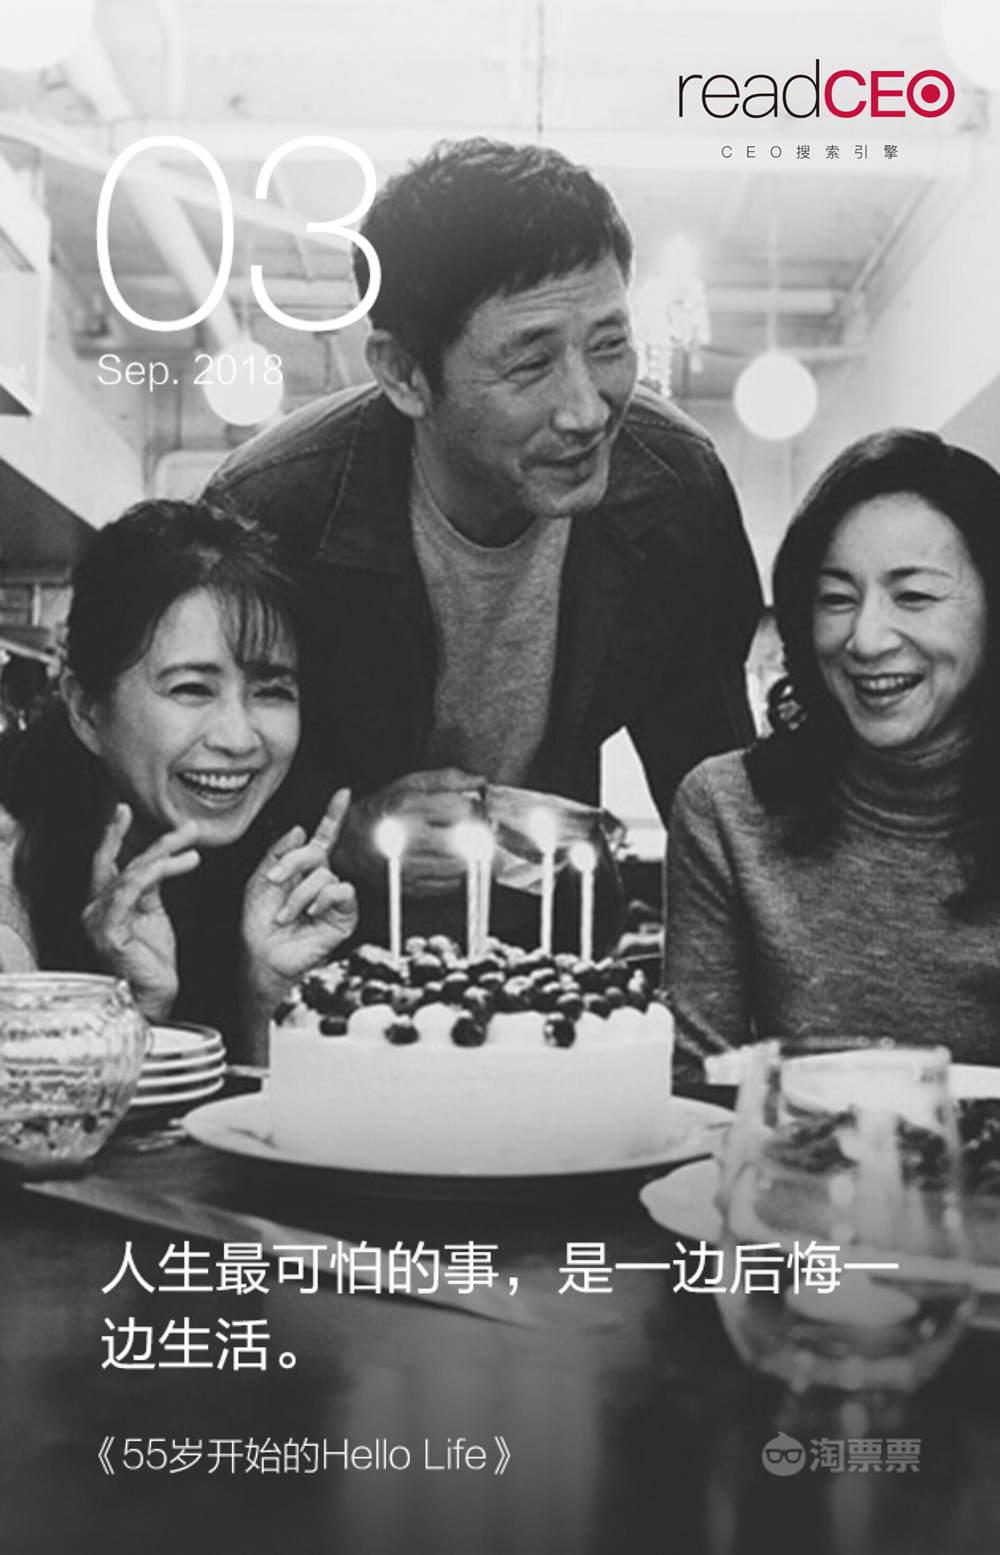 55岁开始的Hello Life | 西柚投影 | CEO搜索引擎